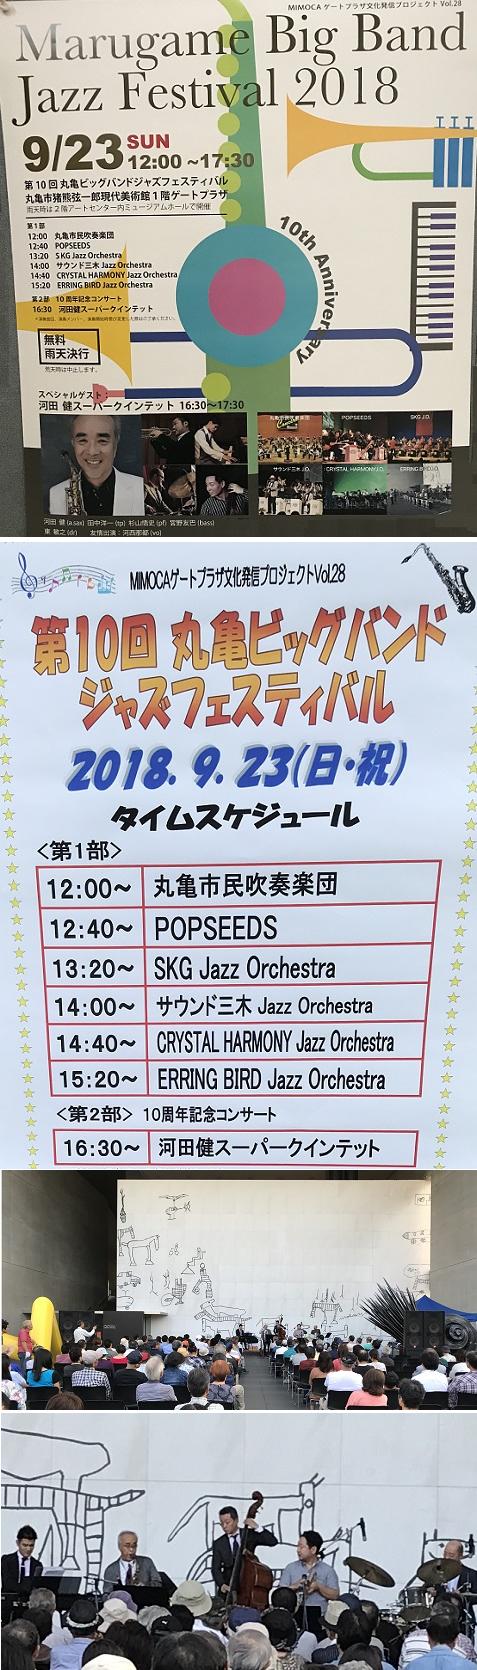 20180923ジャズフェスティバル